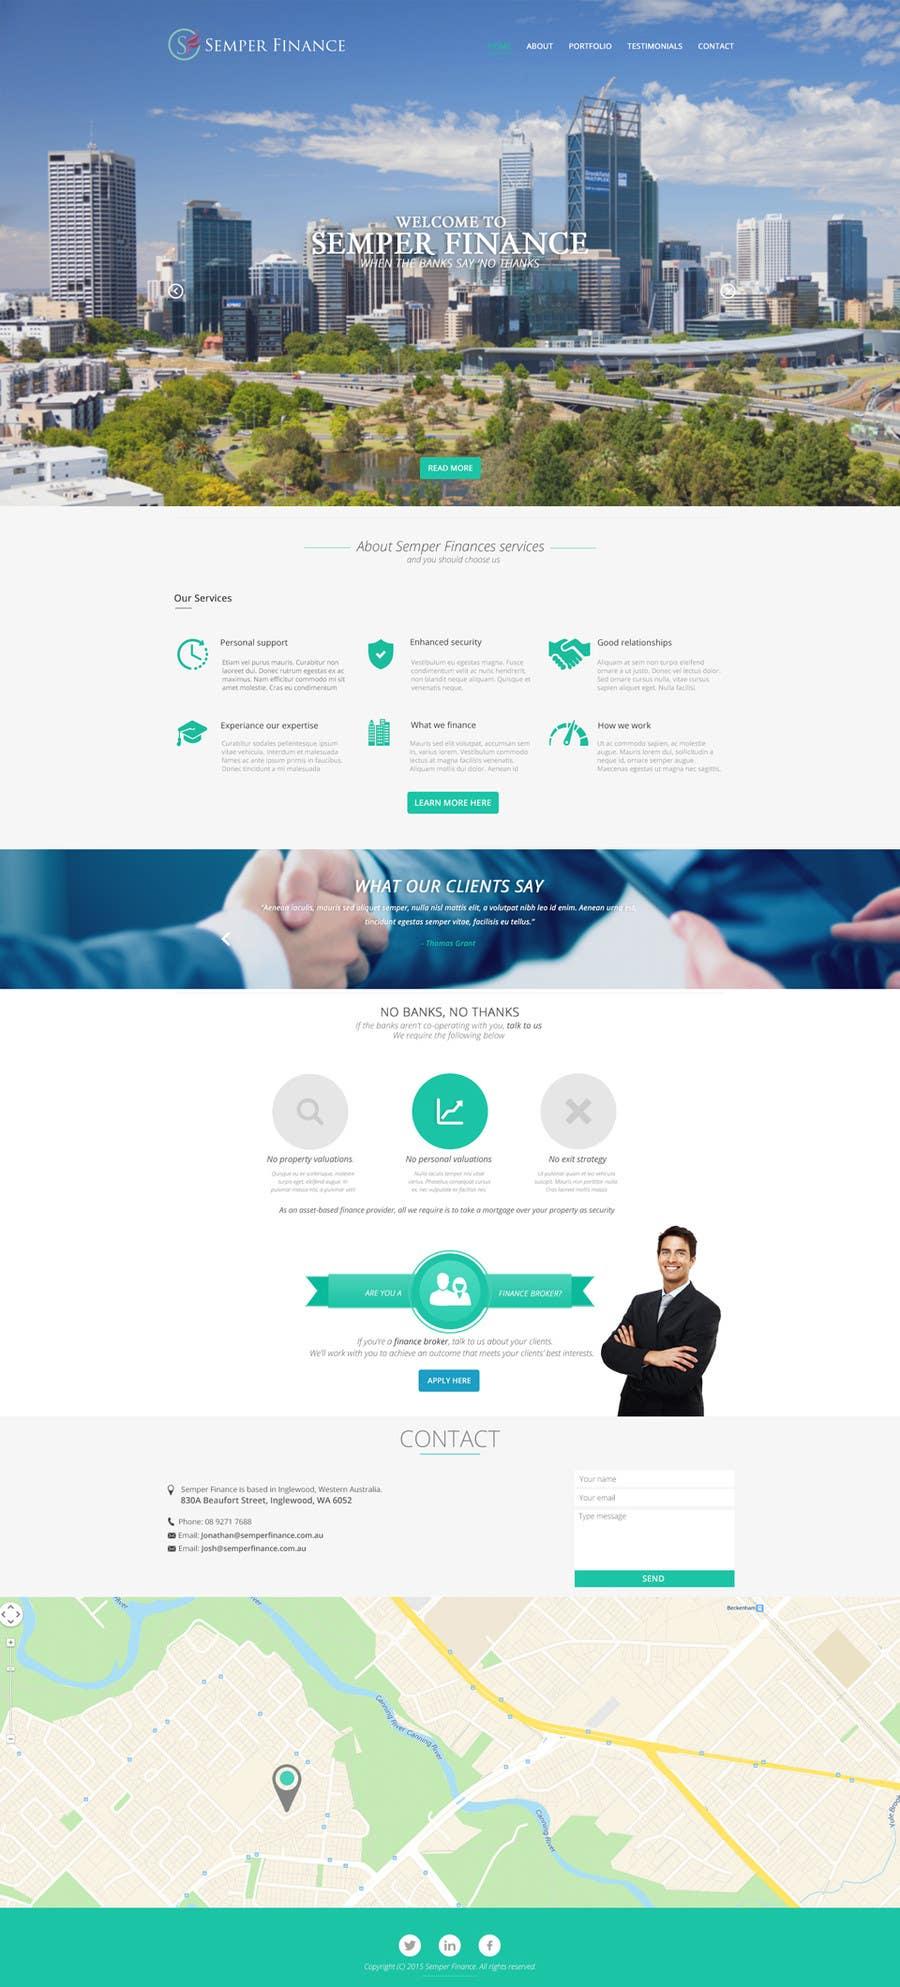 Konkurrenceindlæg #19 for Design a Website Mockup for a finance company